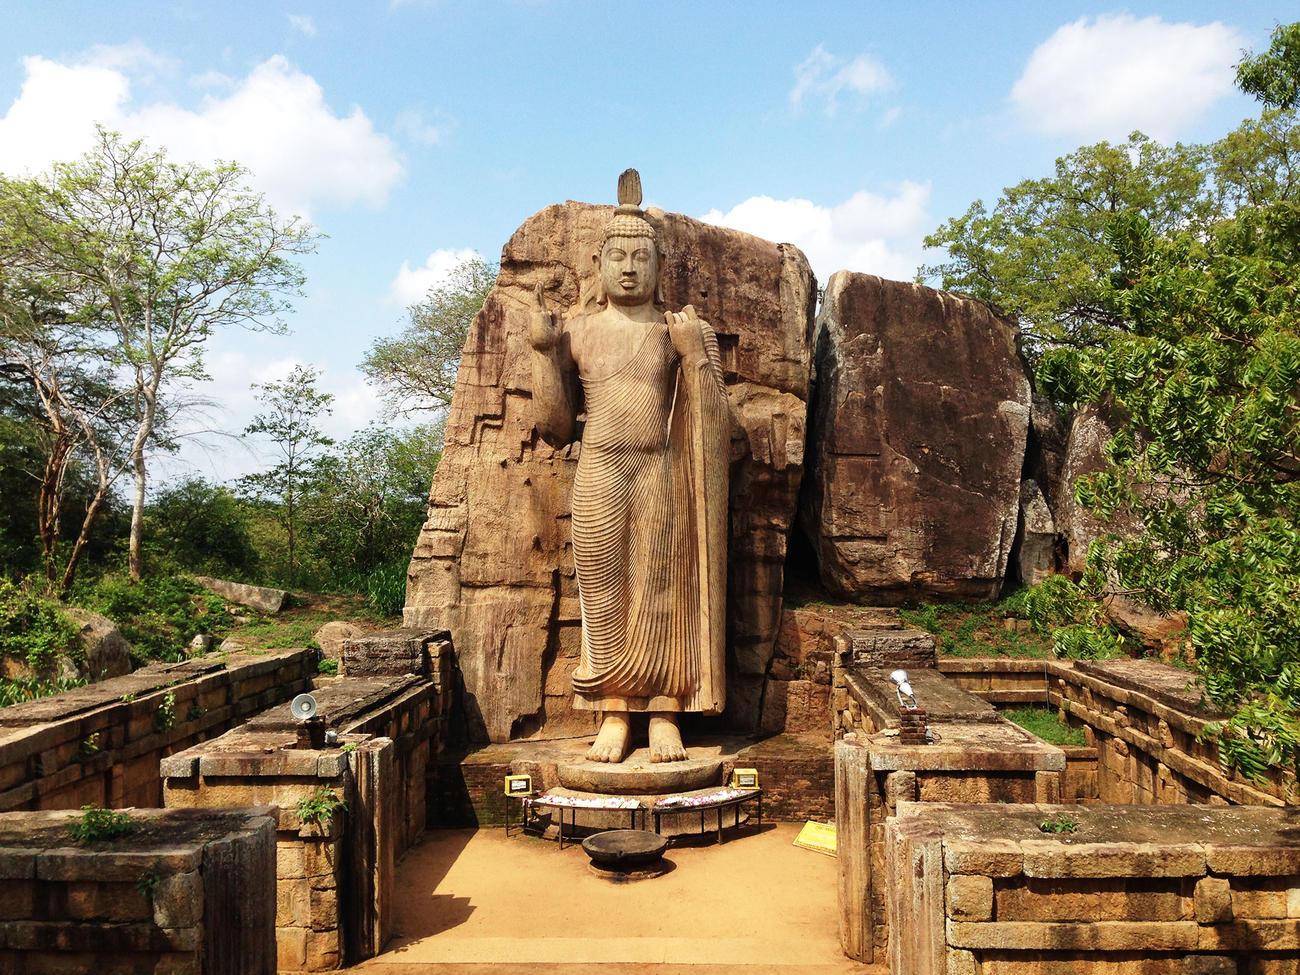 Visit the Aukana Budda near Kekirawa